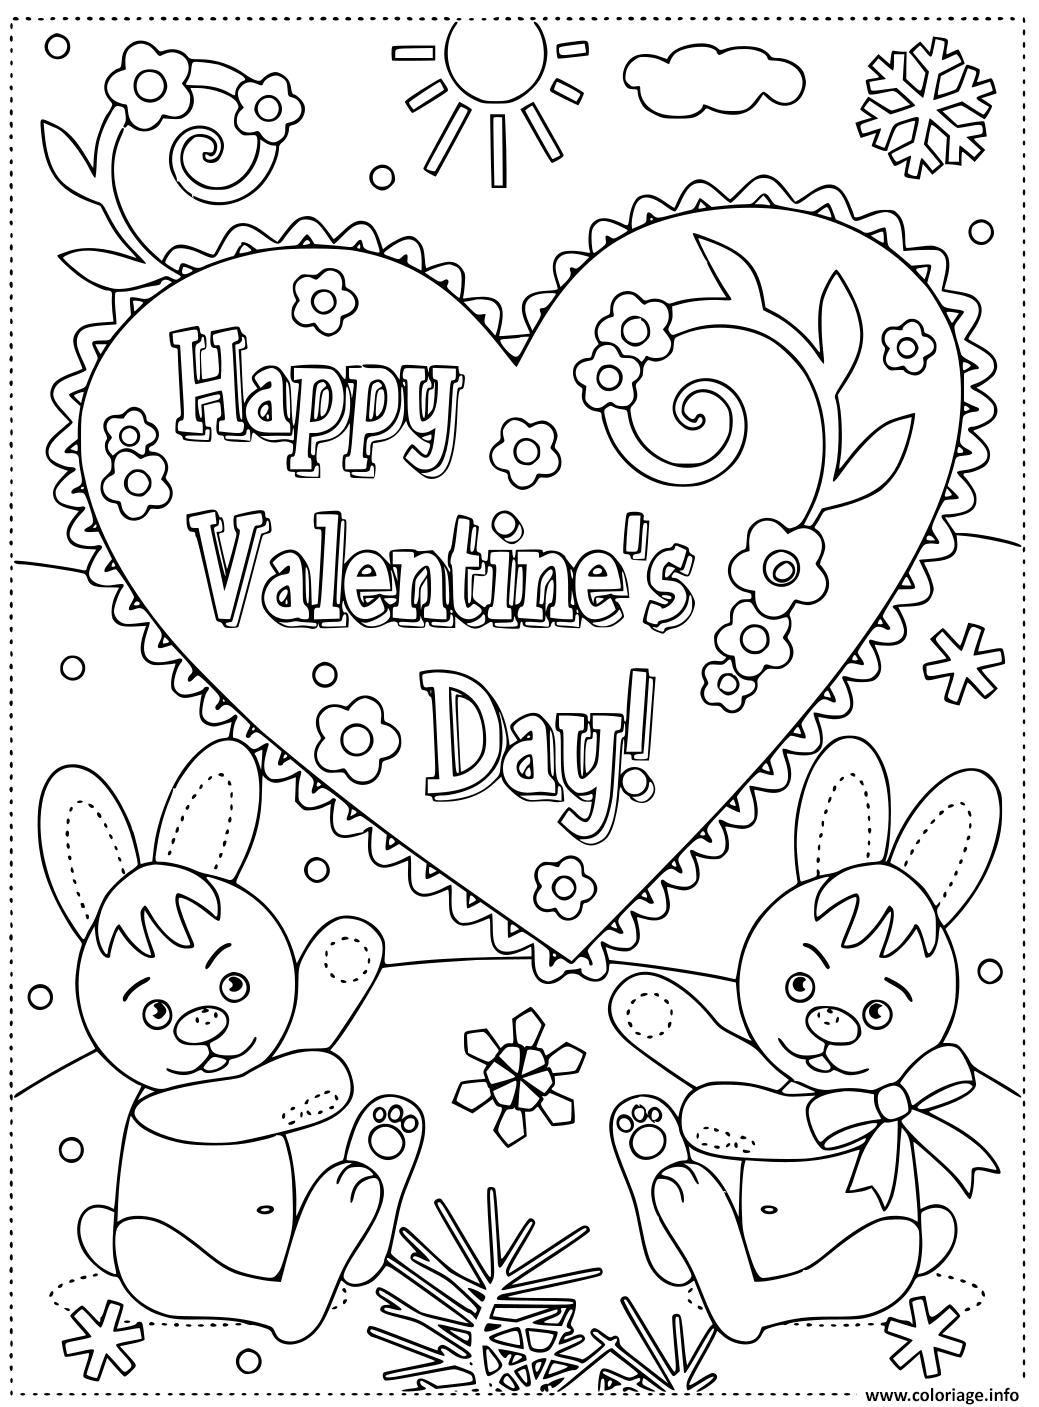 Dessin joyeuse st valentin par des lapins carte de voeux Coloriage Gratuit à Imprimer